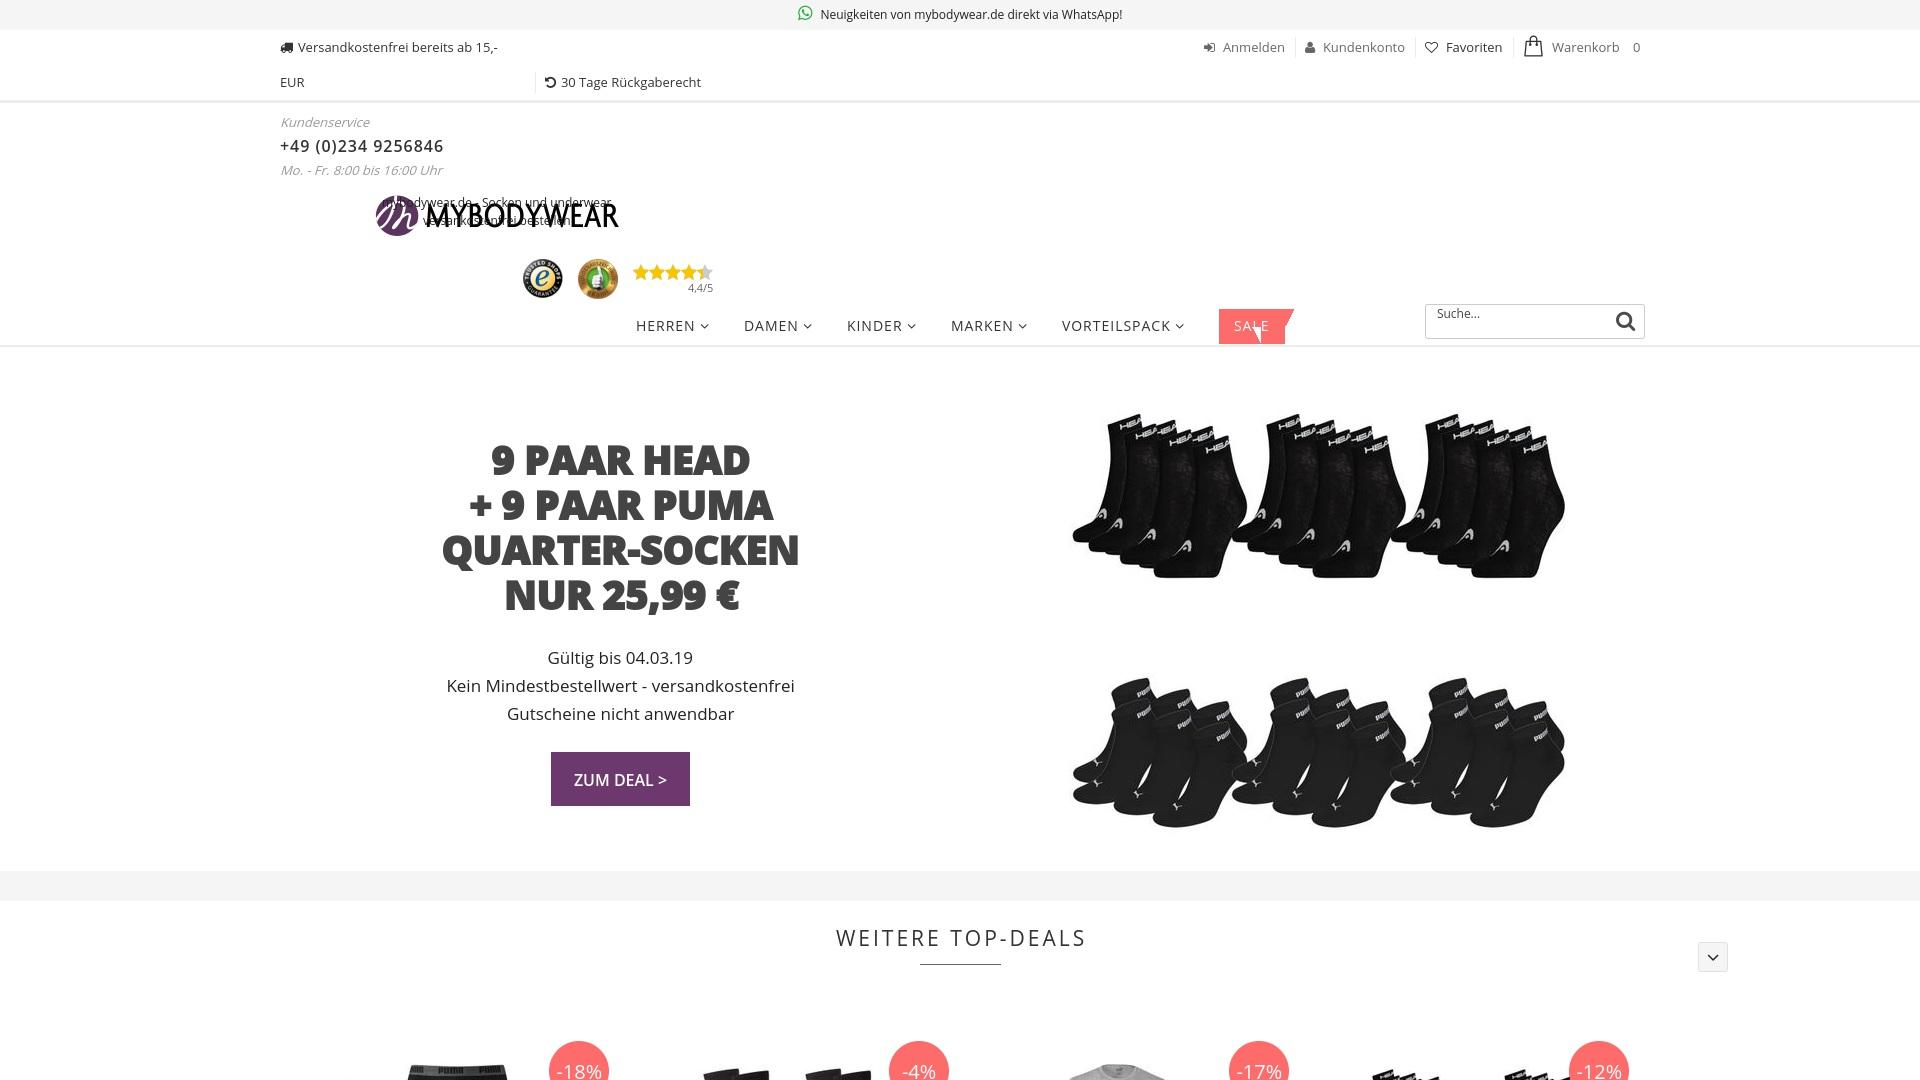 Gutschein für Mybodywear: Rabatte für  Mybodywear sichern